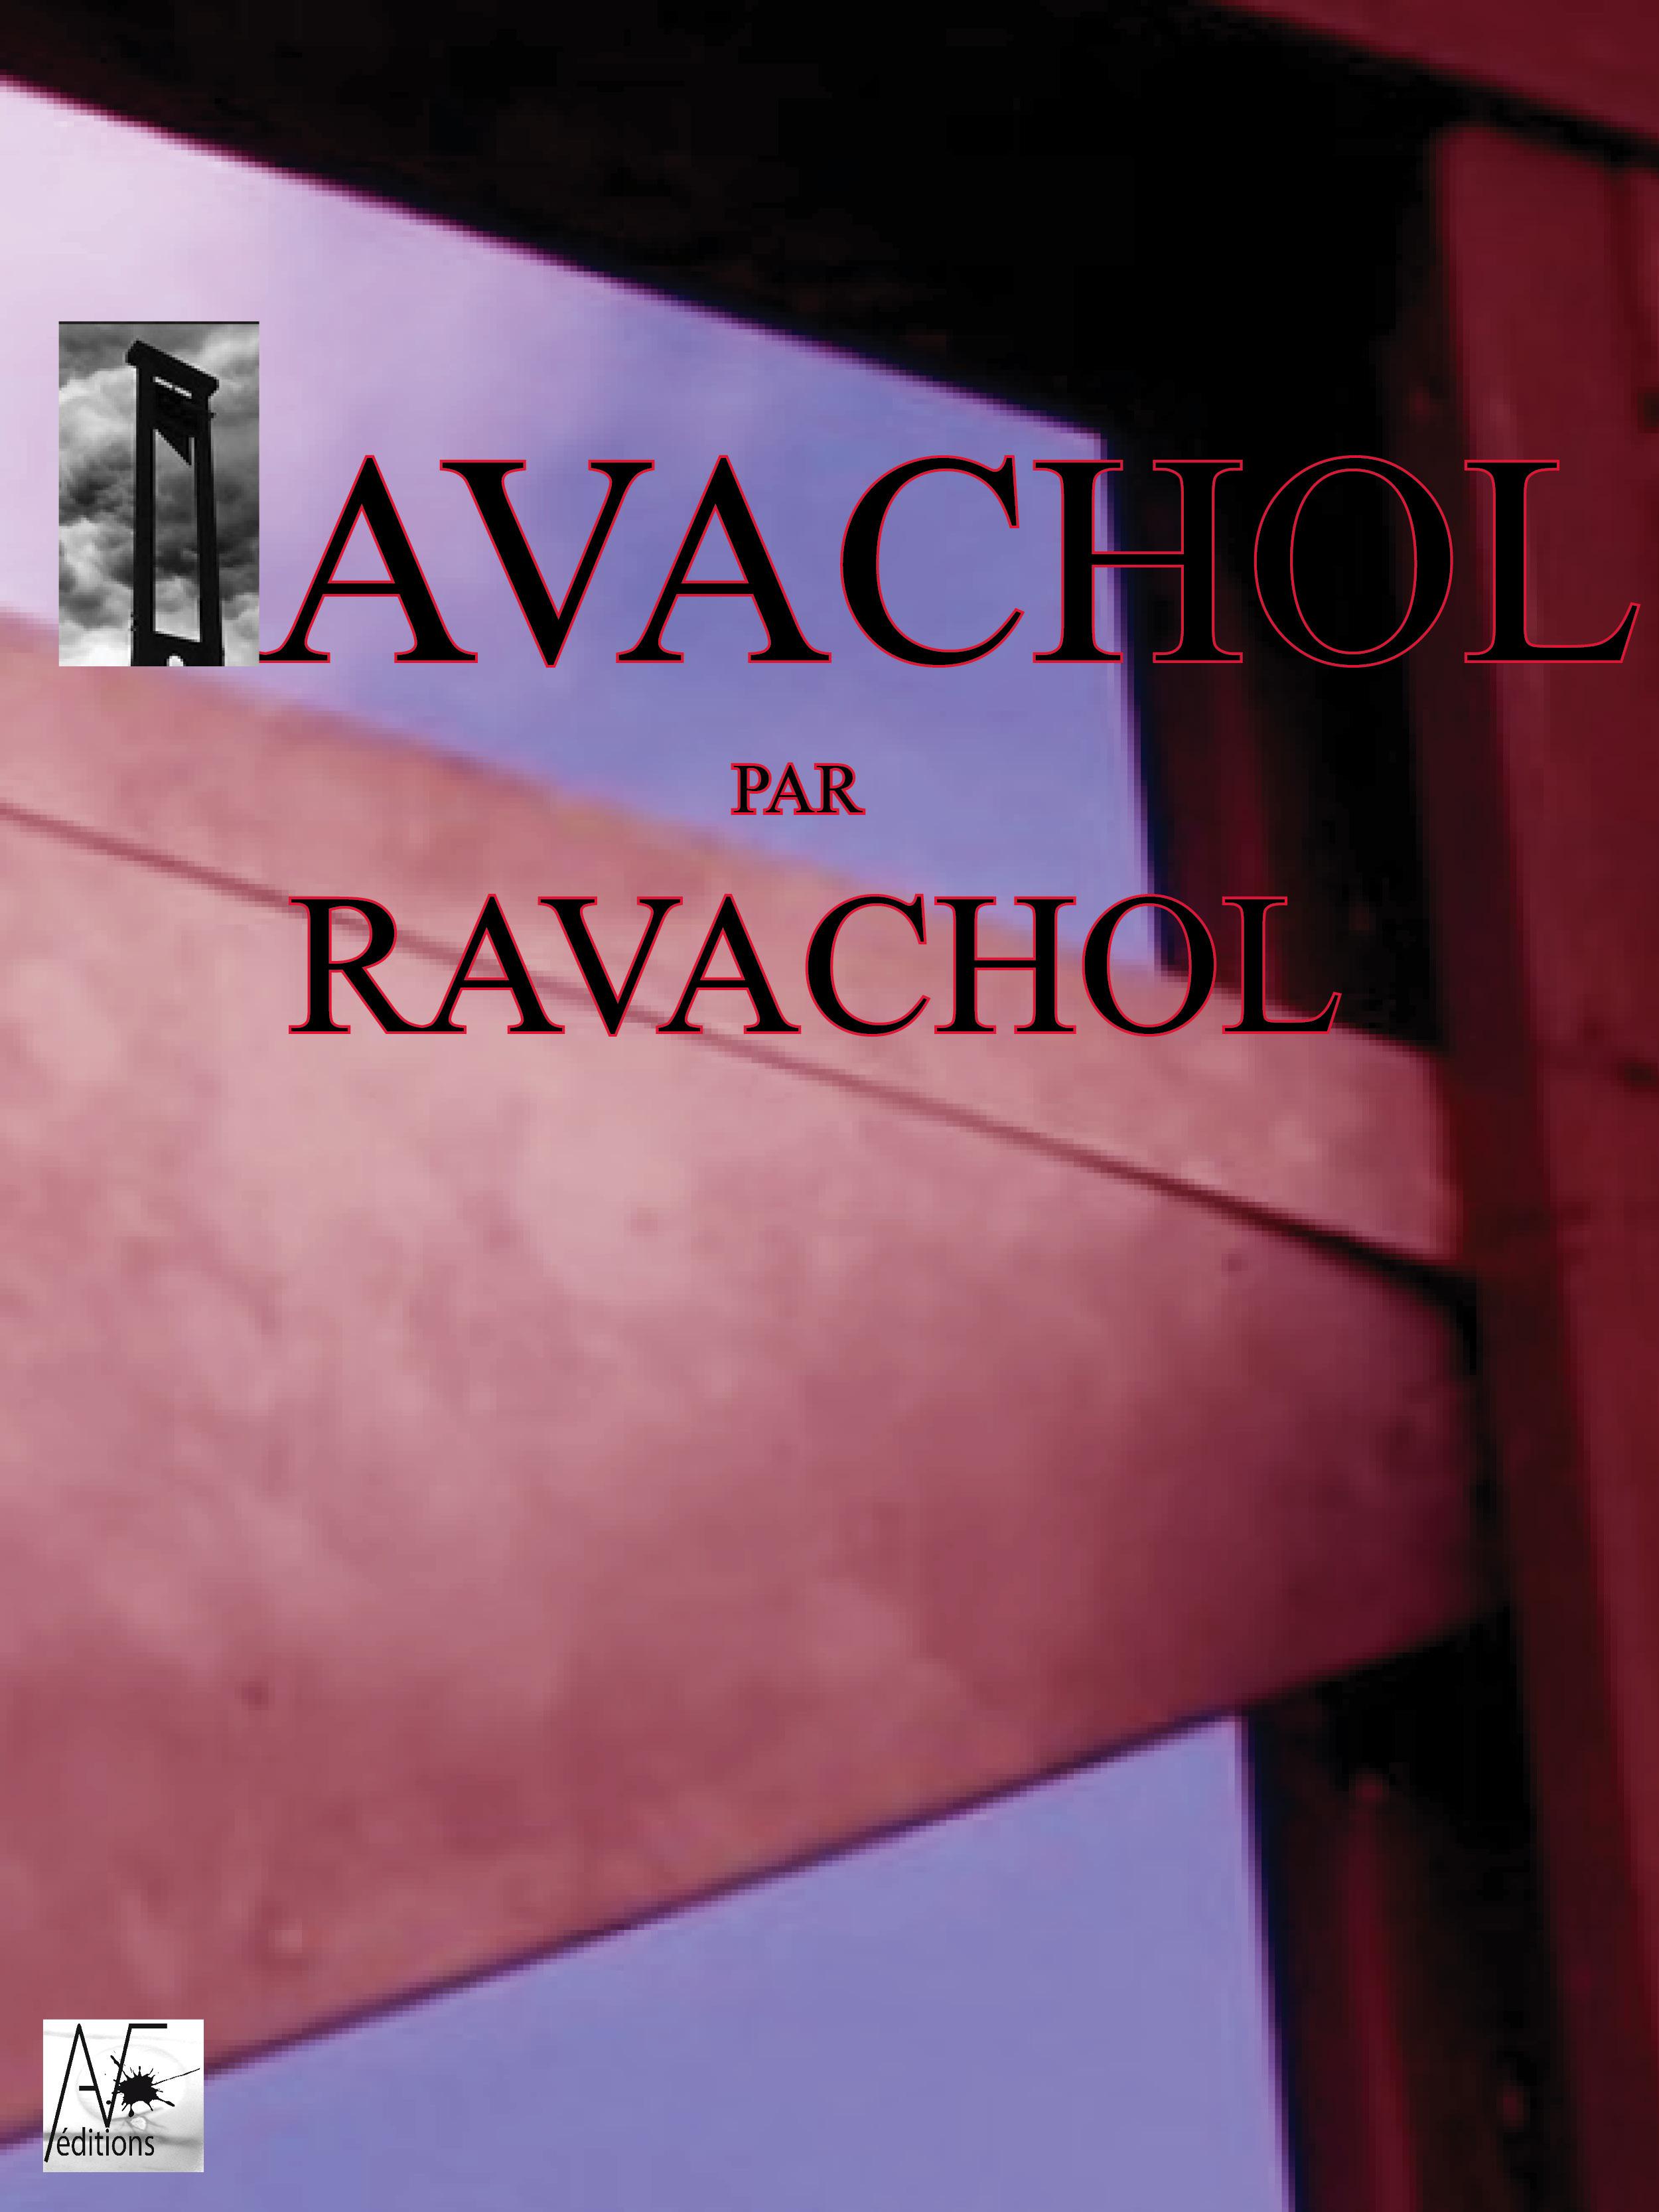 Ravachol  - Ravachol